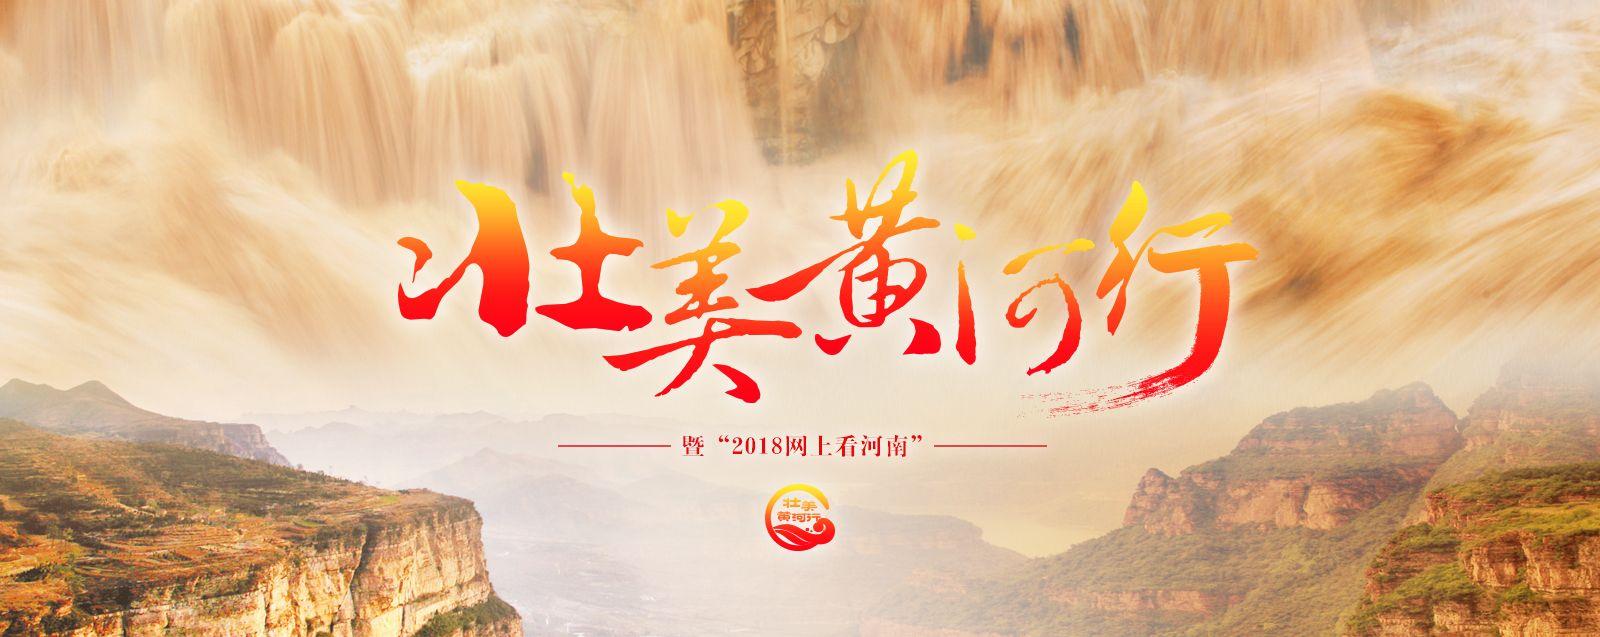 【壮美黄河行】封丘县李庄镇:黄河滩迁建崛起的一座新城